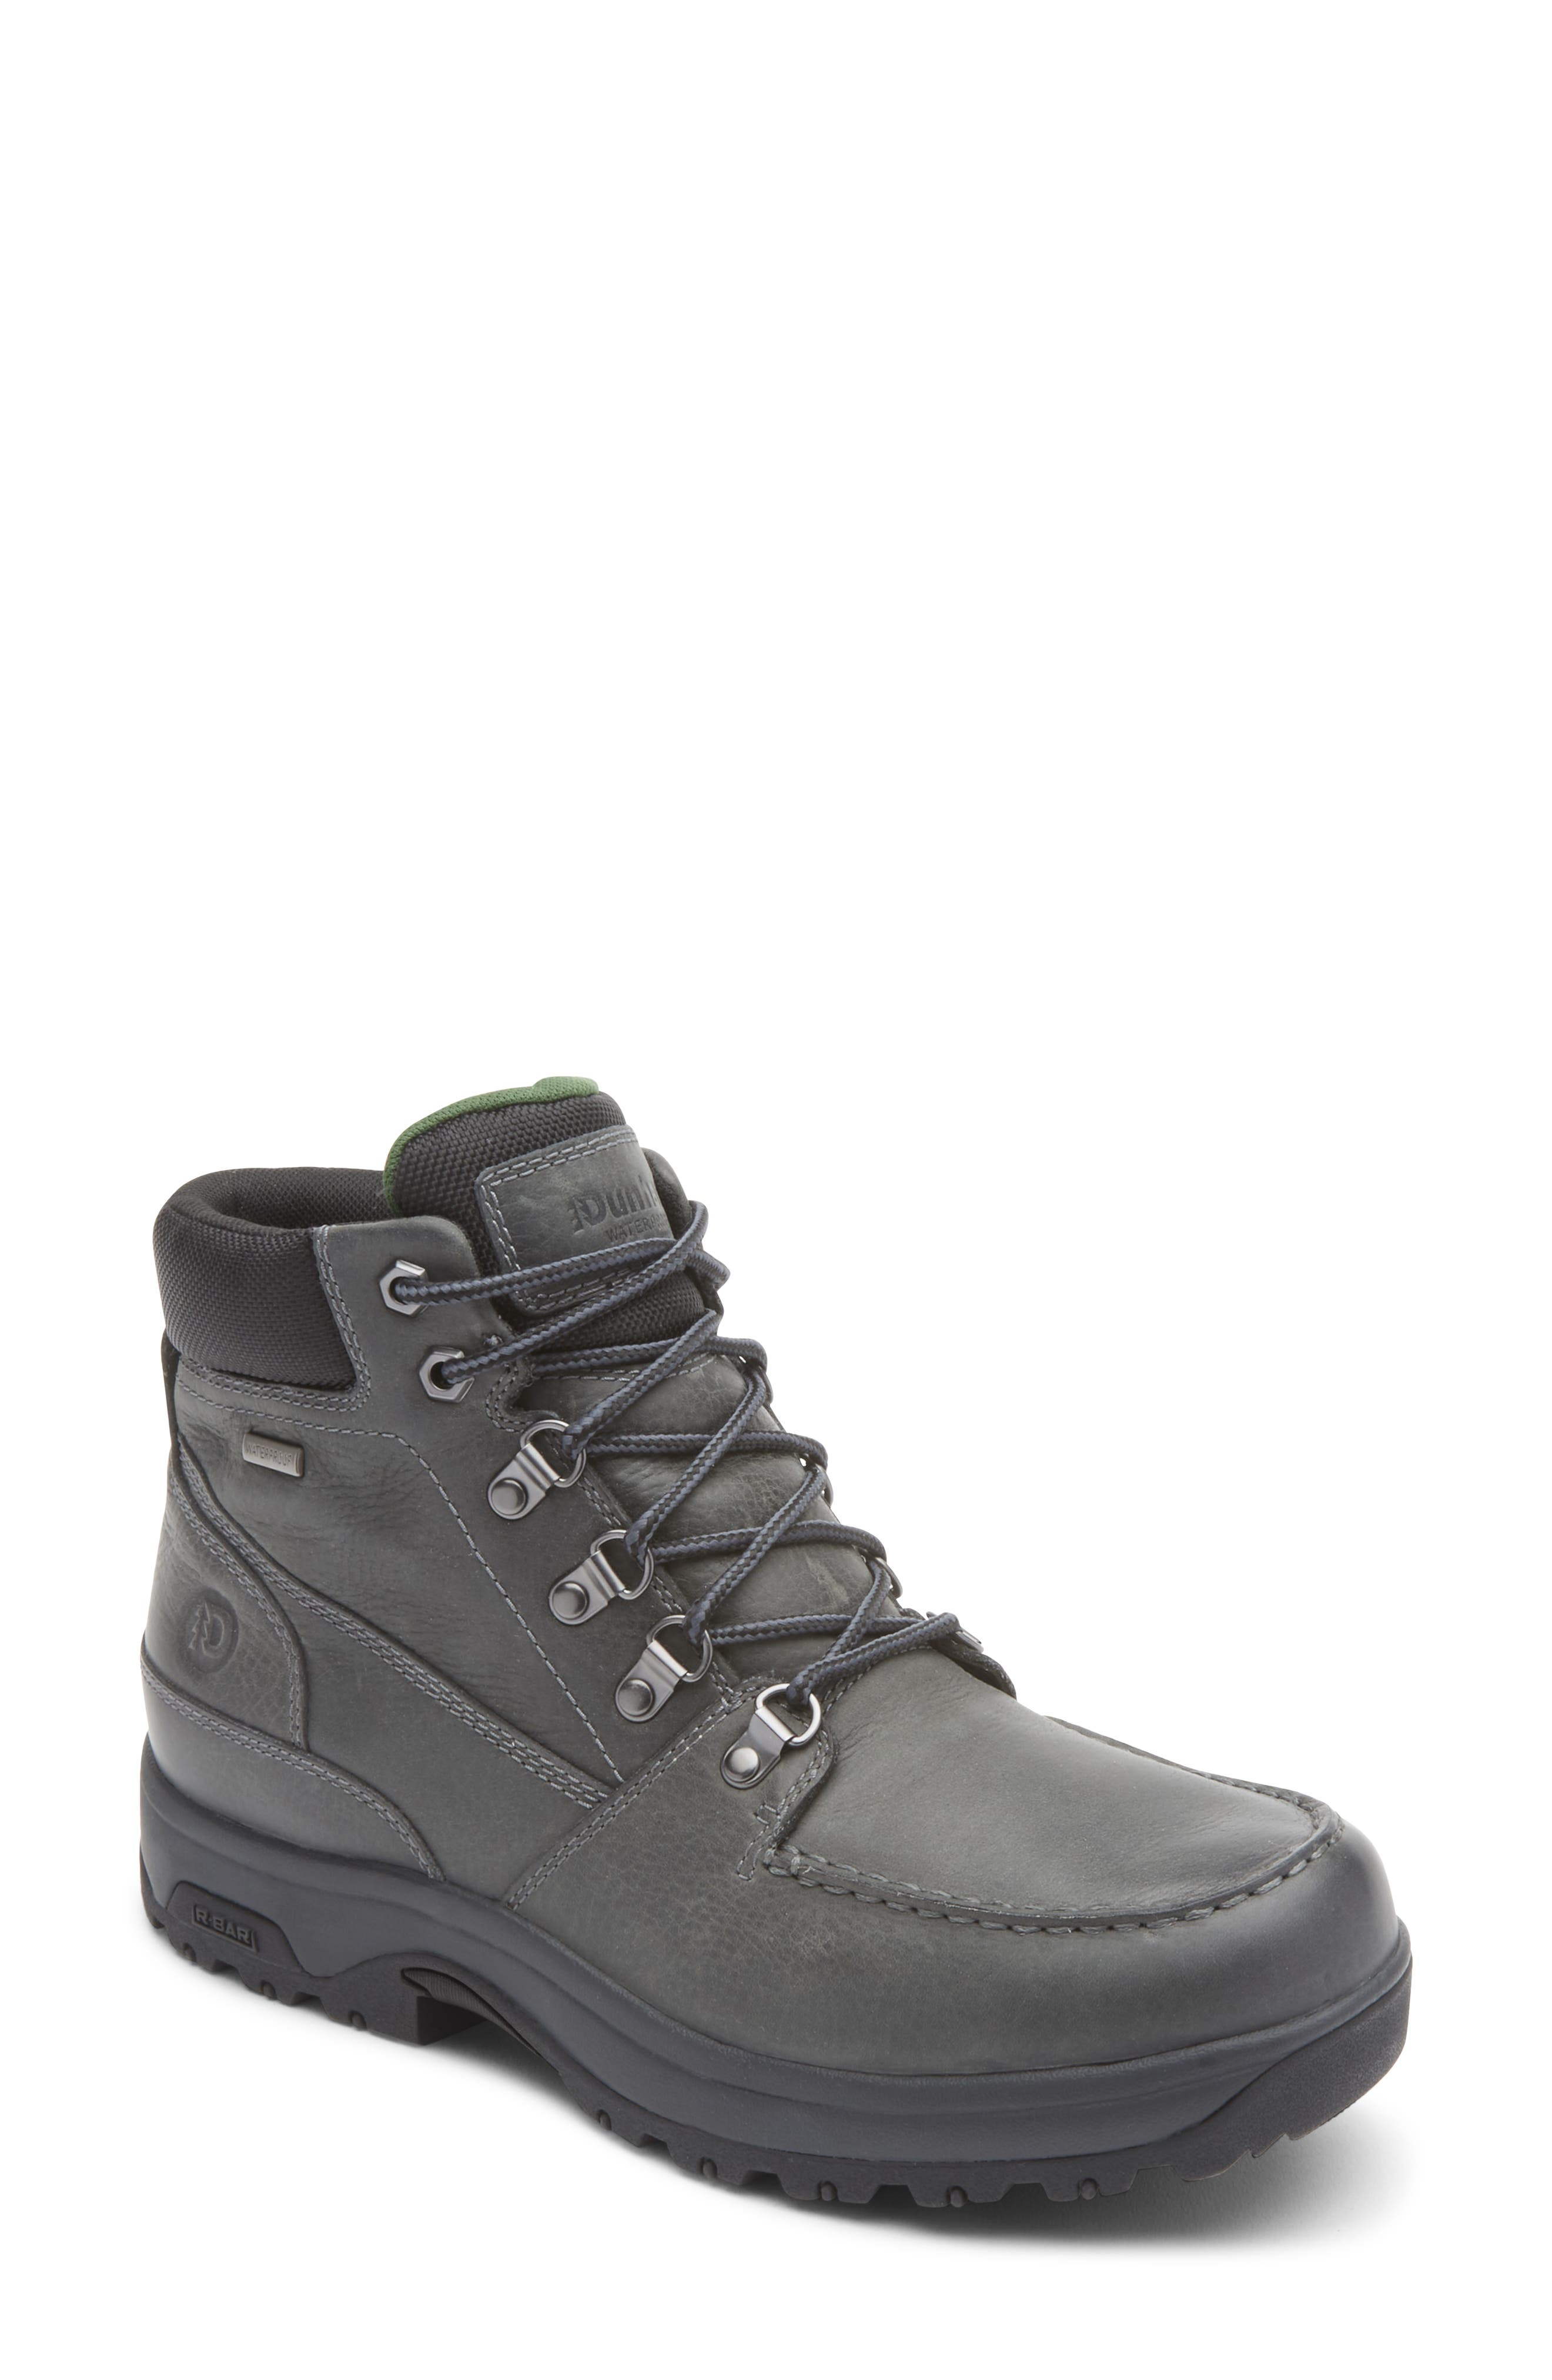 8000Works Waterproof Boot